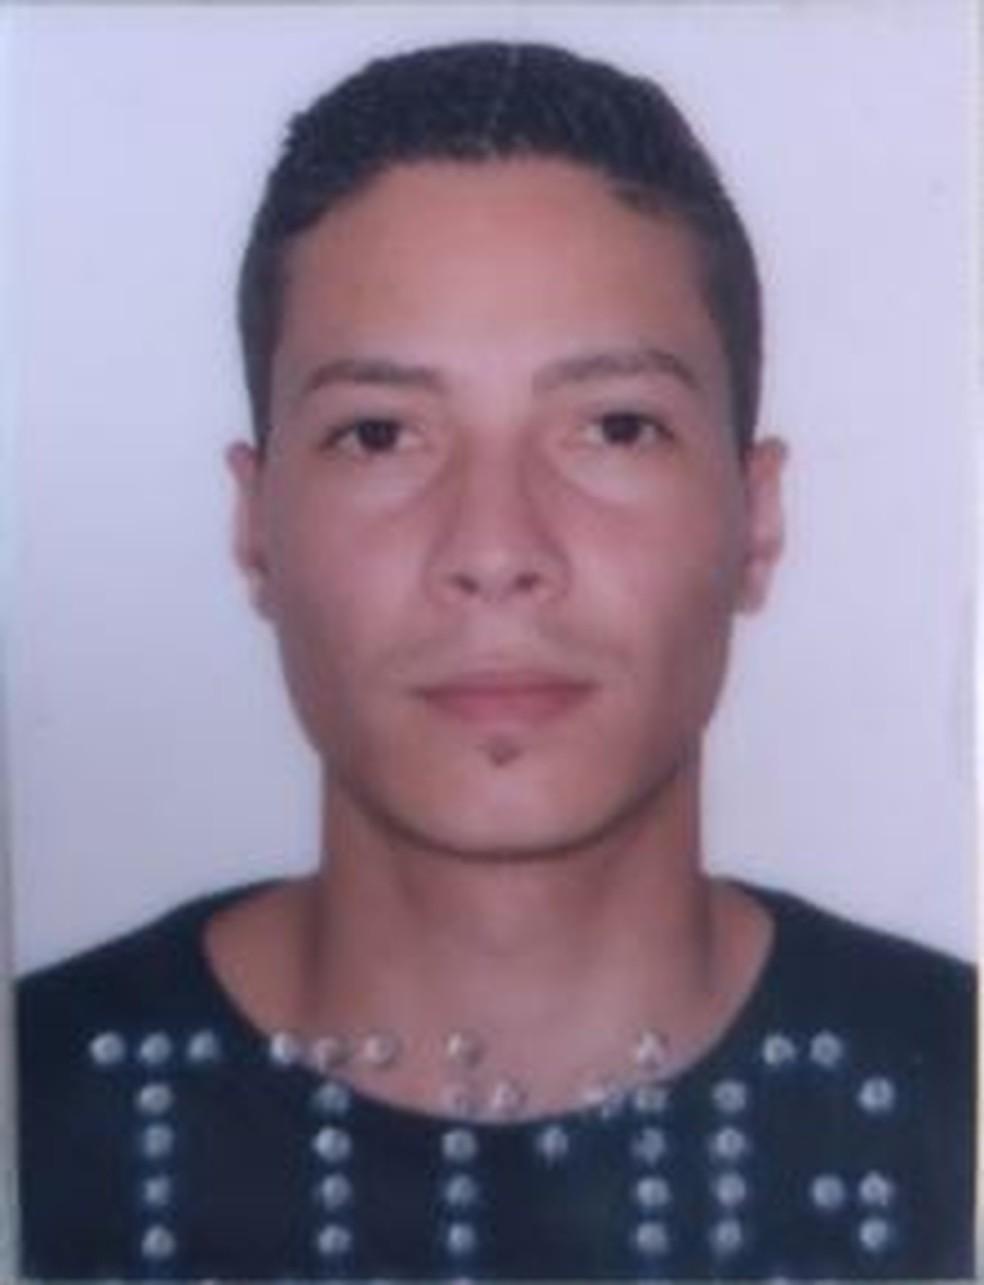 Moabe é suspeito de ter matado criança de 5 anos em Betim, na Grande BH — Foto: Reprodução